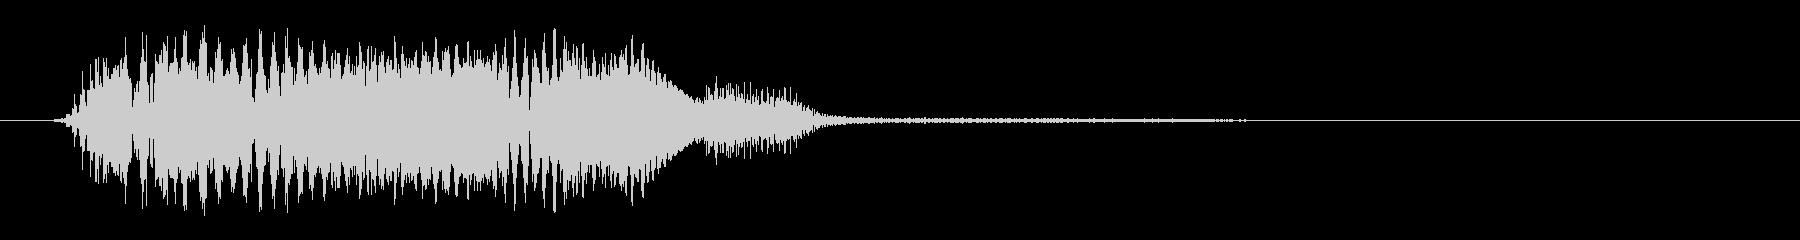 プェッ(シンプルな決定音)の未再生の波形